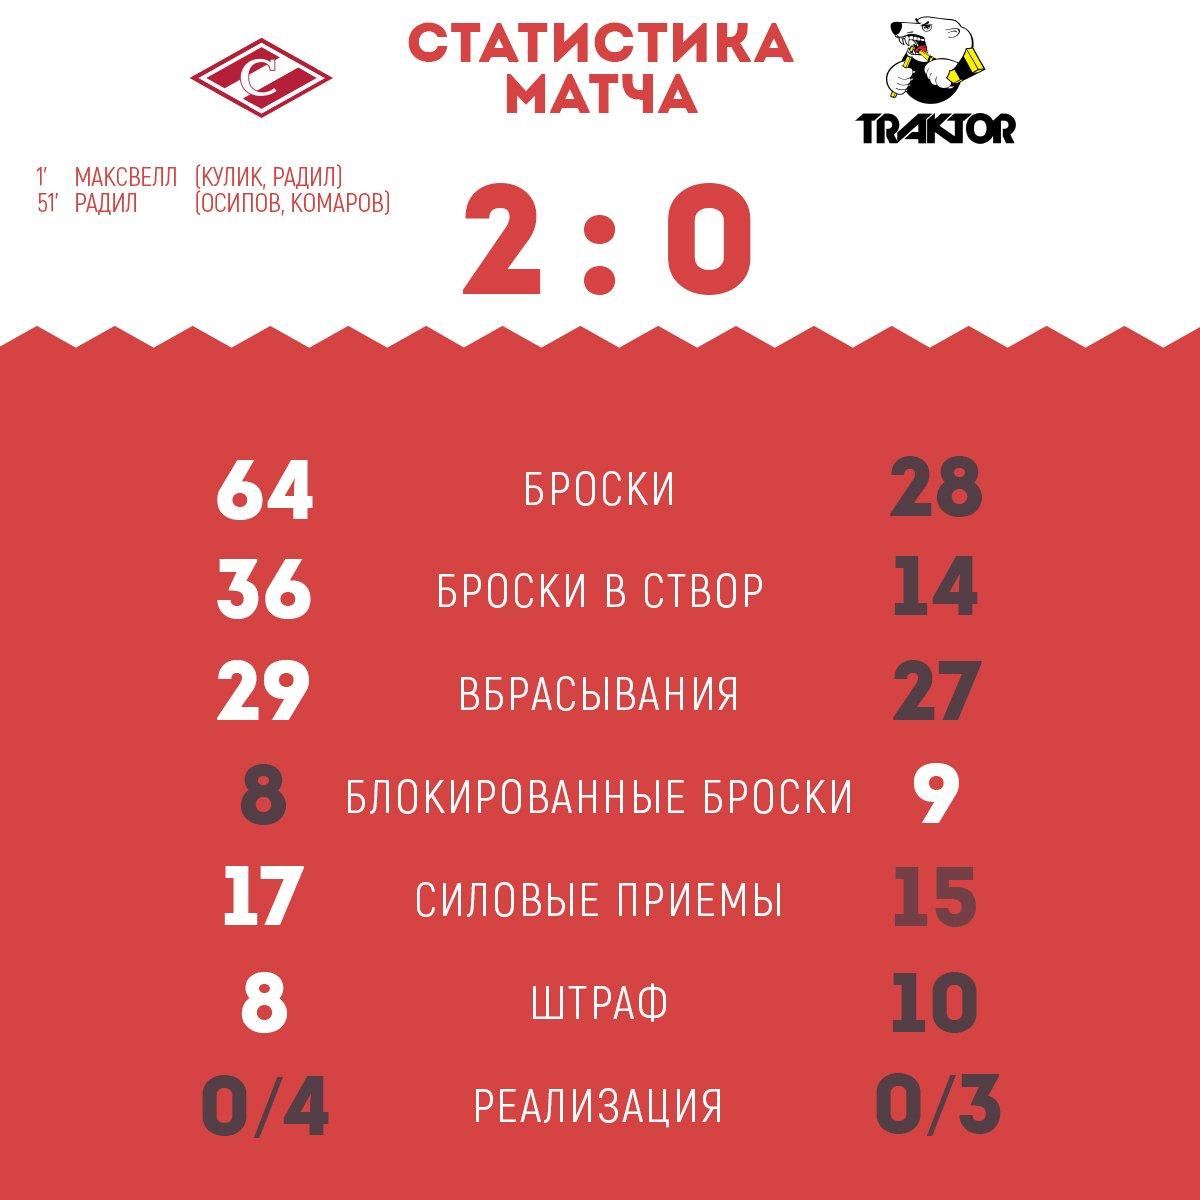 Статистика матча «Спартак» - «Трактор» 2:0